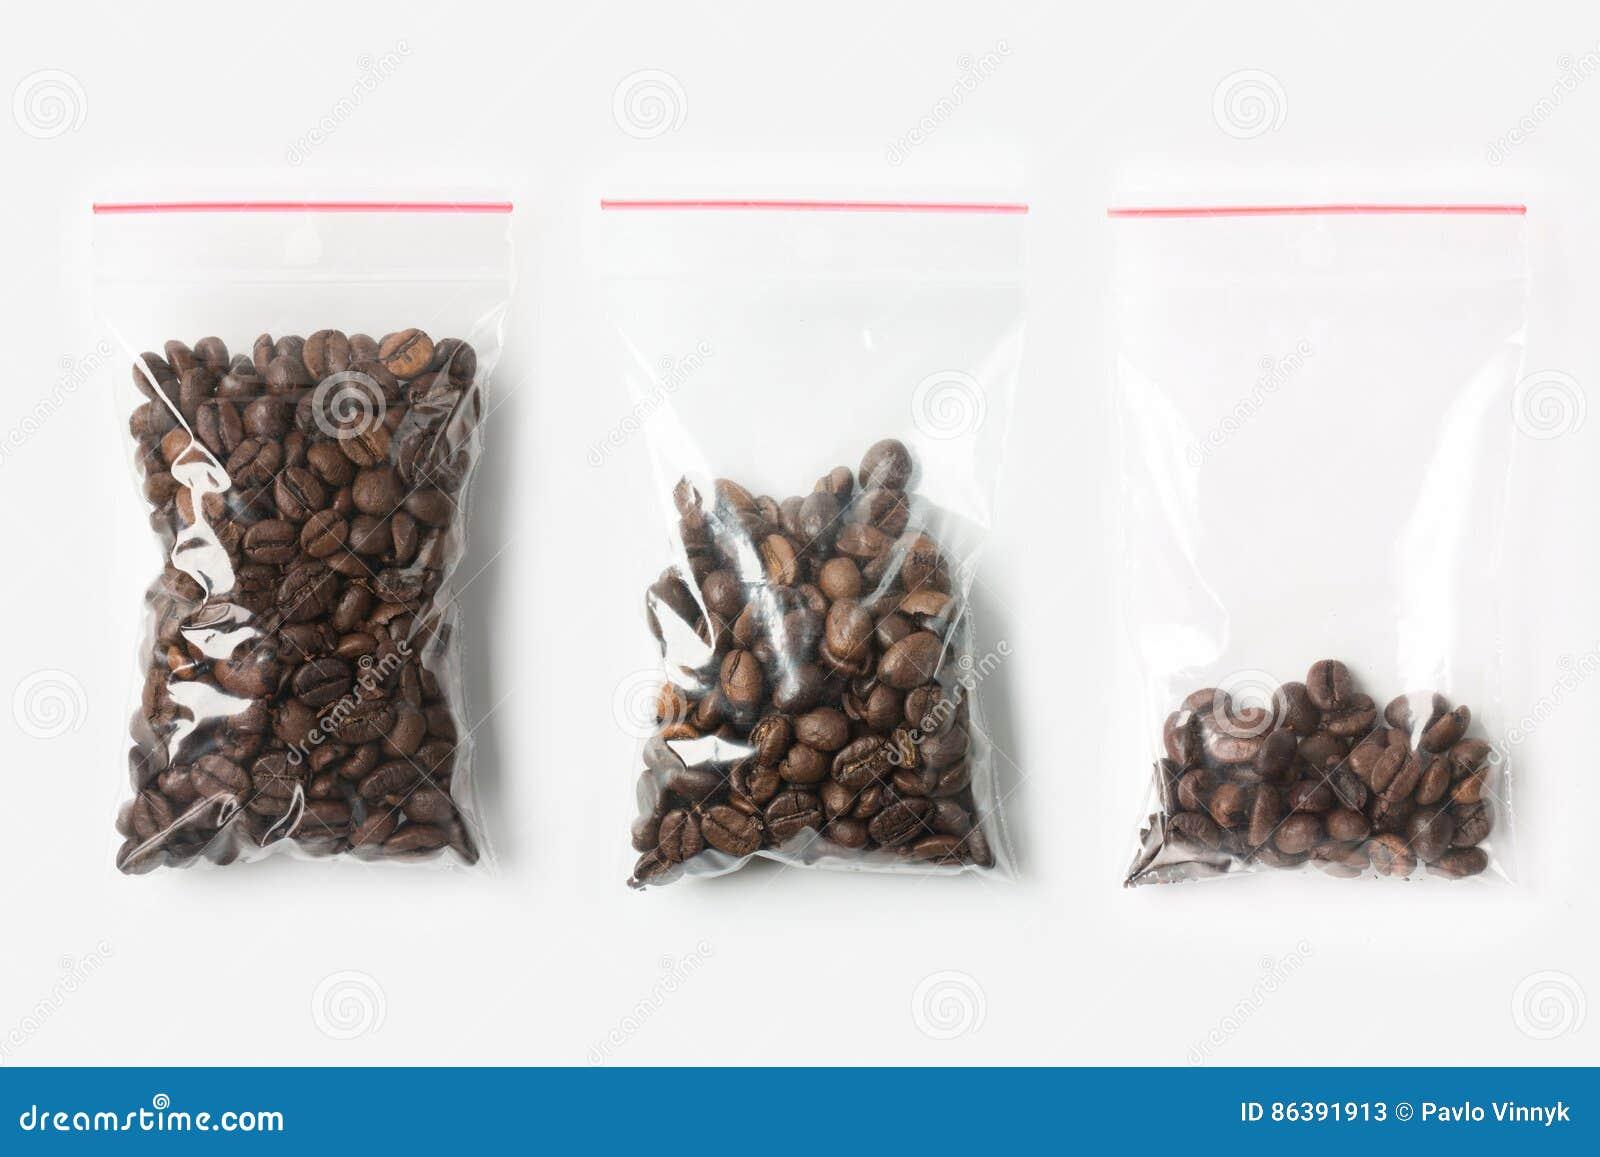 Sistema de tres VACÍOS, MEDIOS Y LLENOS bolsos transparentes plásticos de la cremallera con los granos de café aislados en blanco